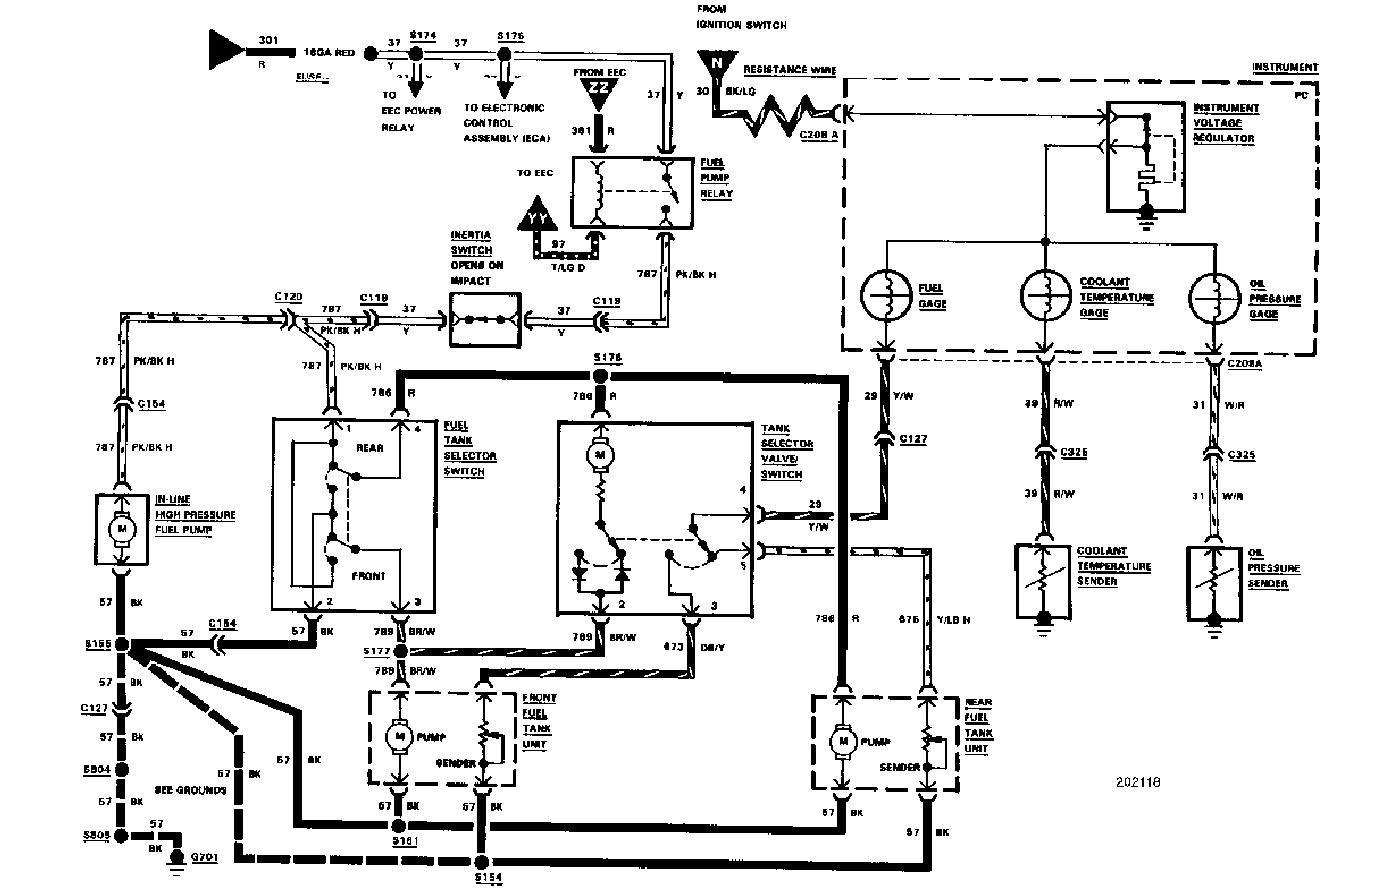 1982 F150 Wiring Diagram 2006 Durango Lighting Wiring Diagram Begeboy Wiring Diagram Source